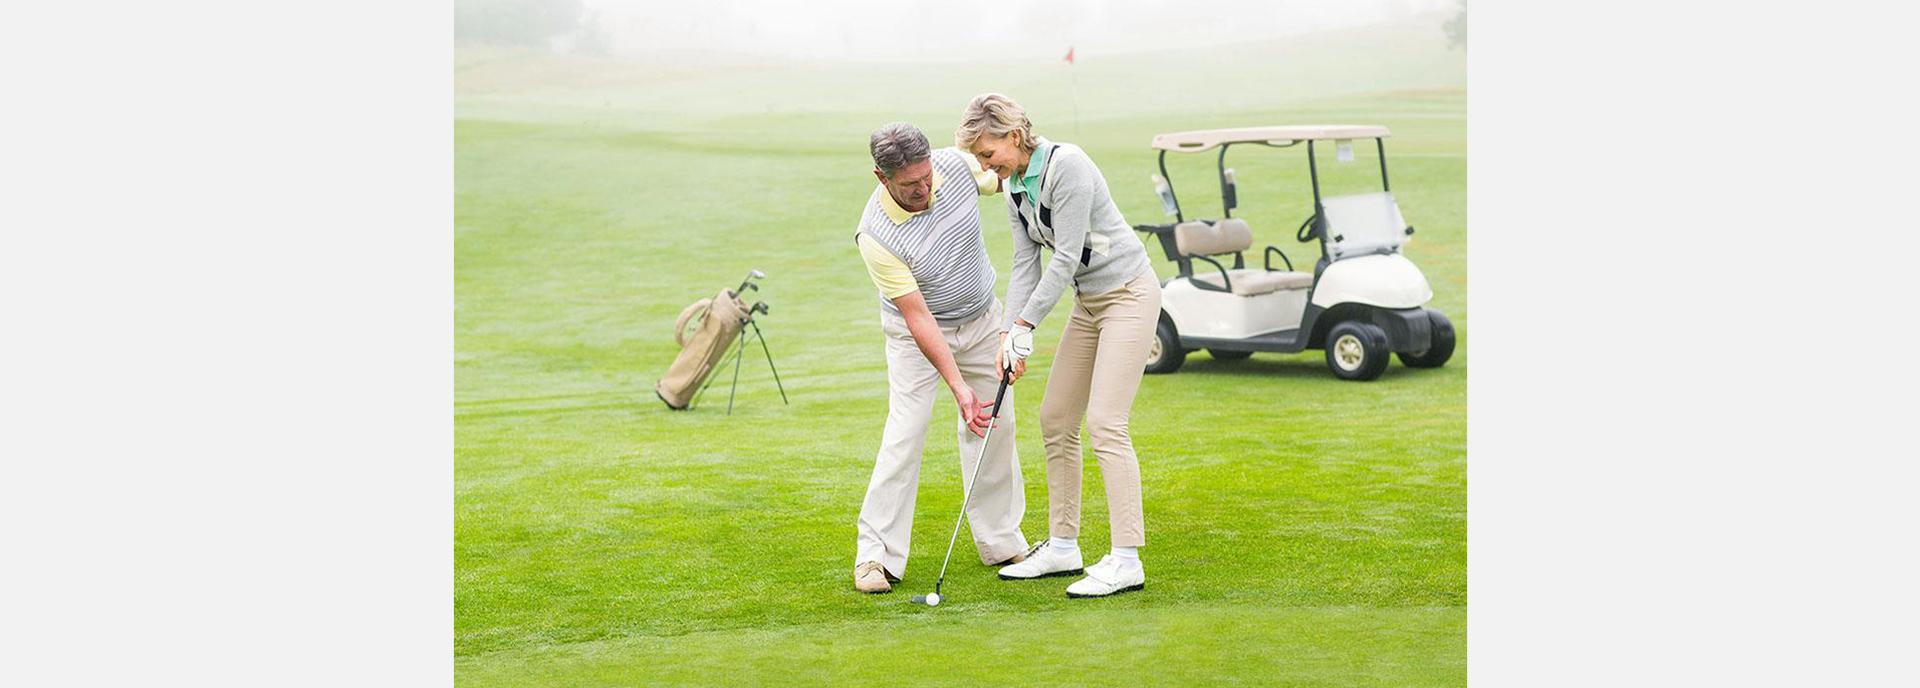 打高尔夫是全民运动老人小孩都可以打.jpg